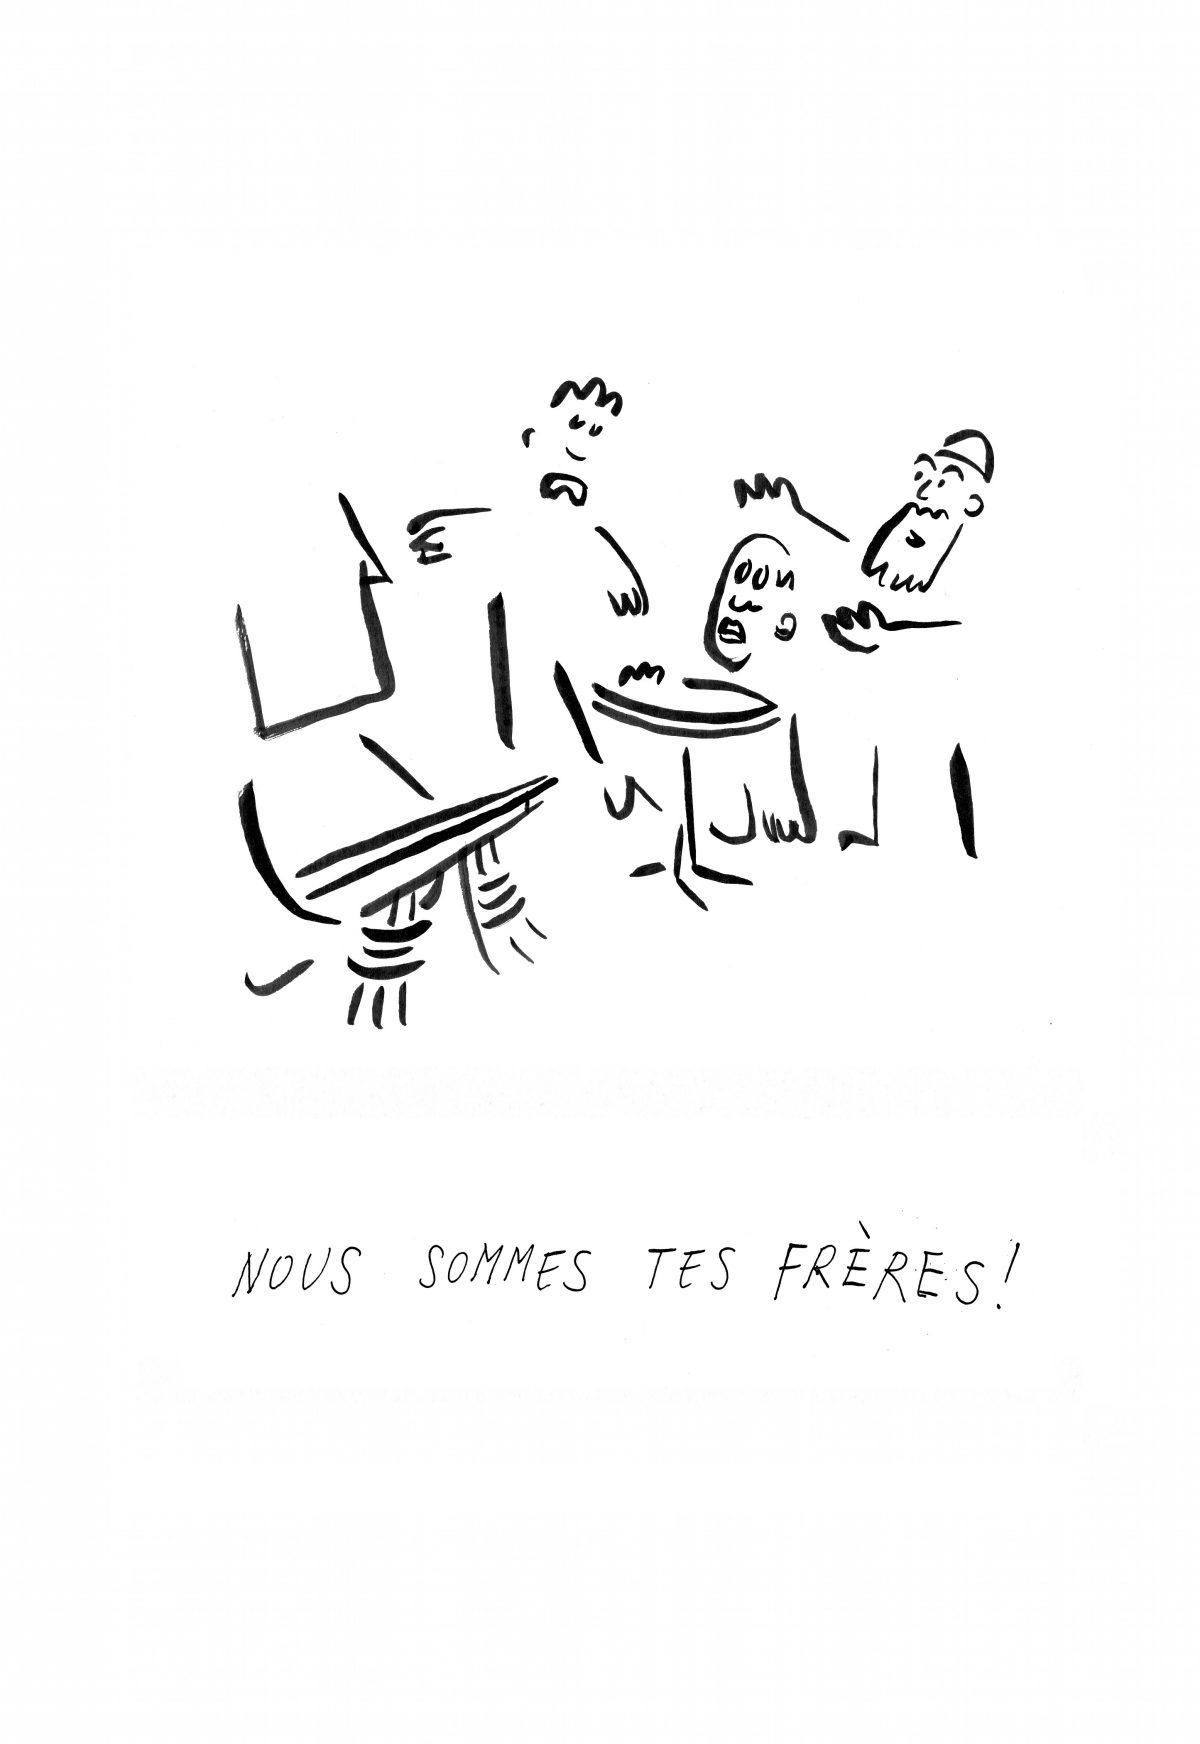 Les dessins d'Adrien Weber, quelques jours après les attentats du 13 novembre